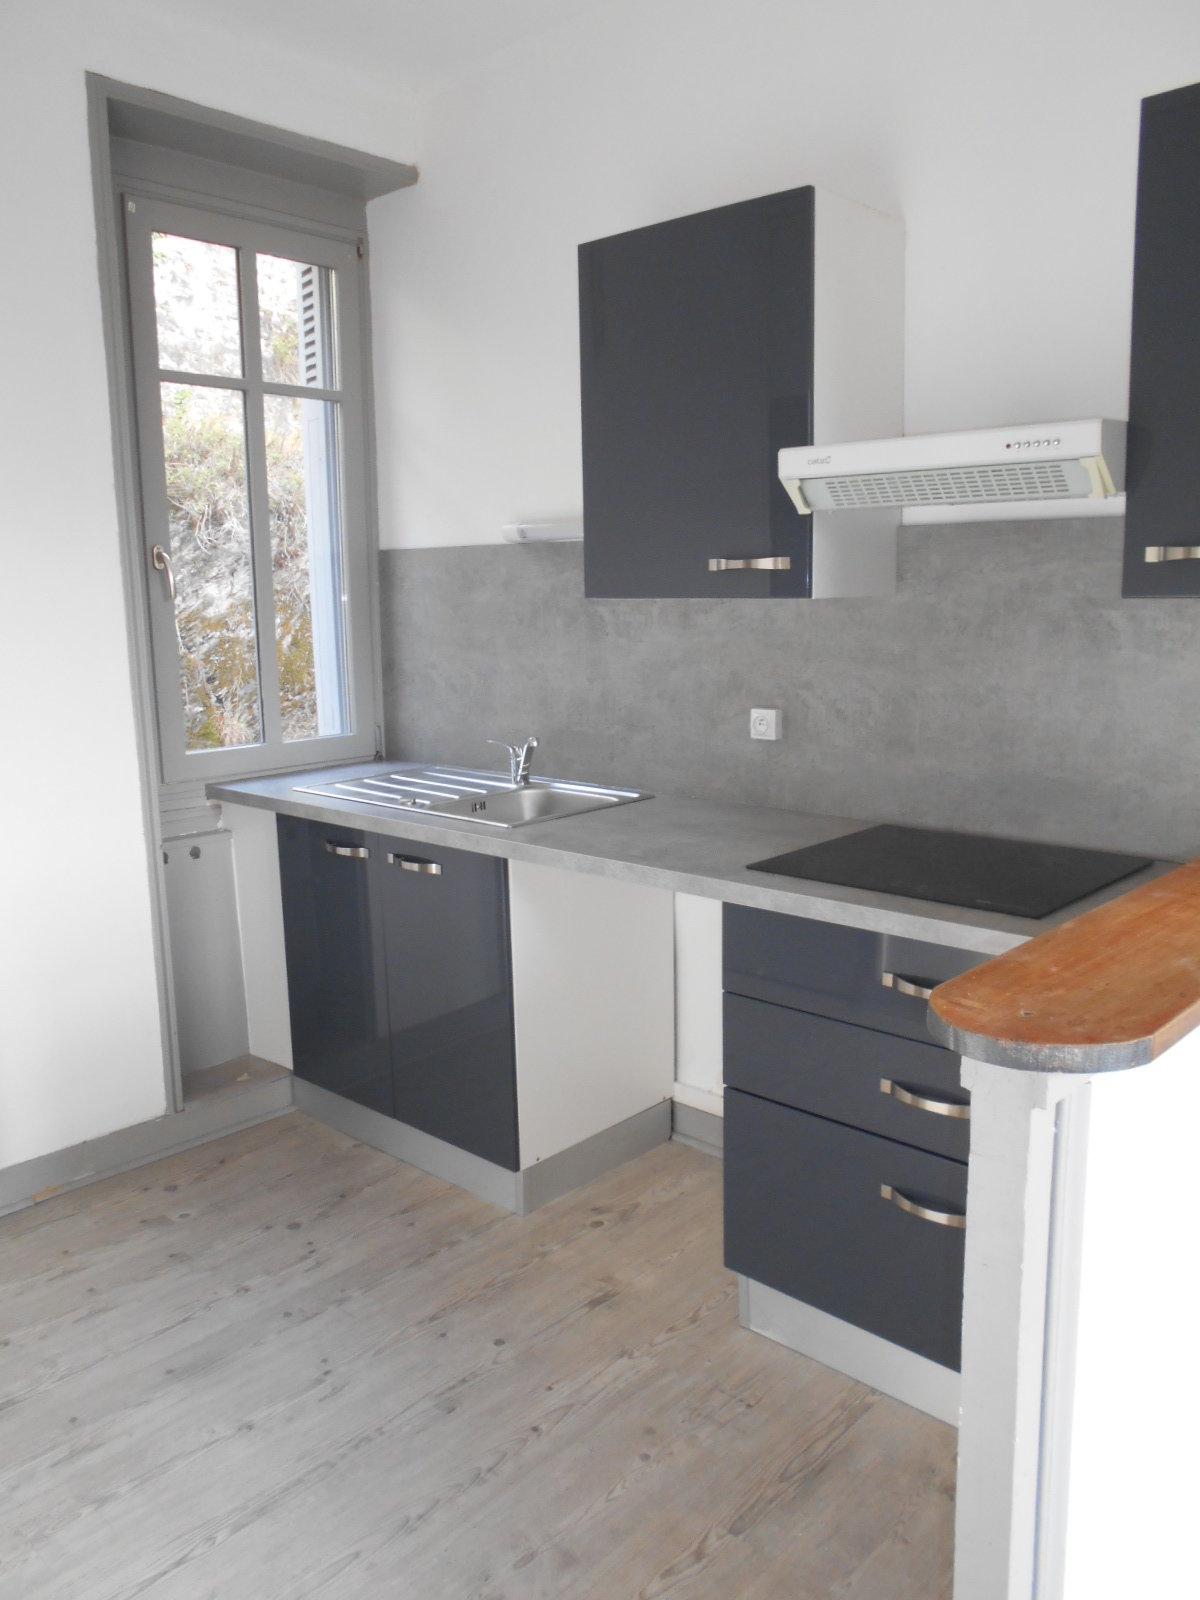 Appartement Thouars 3 pièce(s) 43 m² (env.)